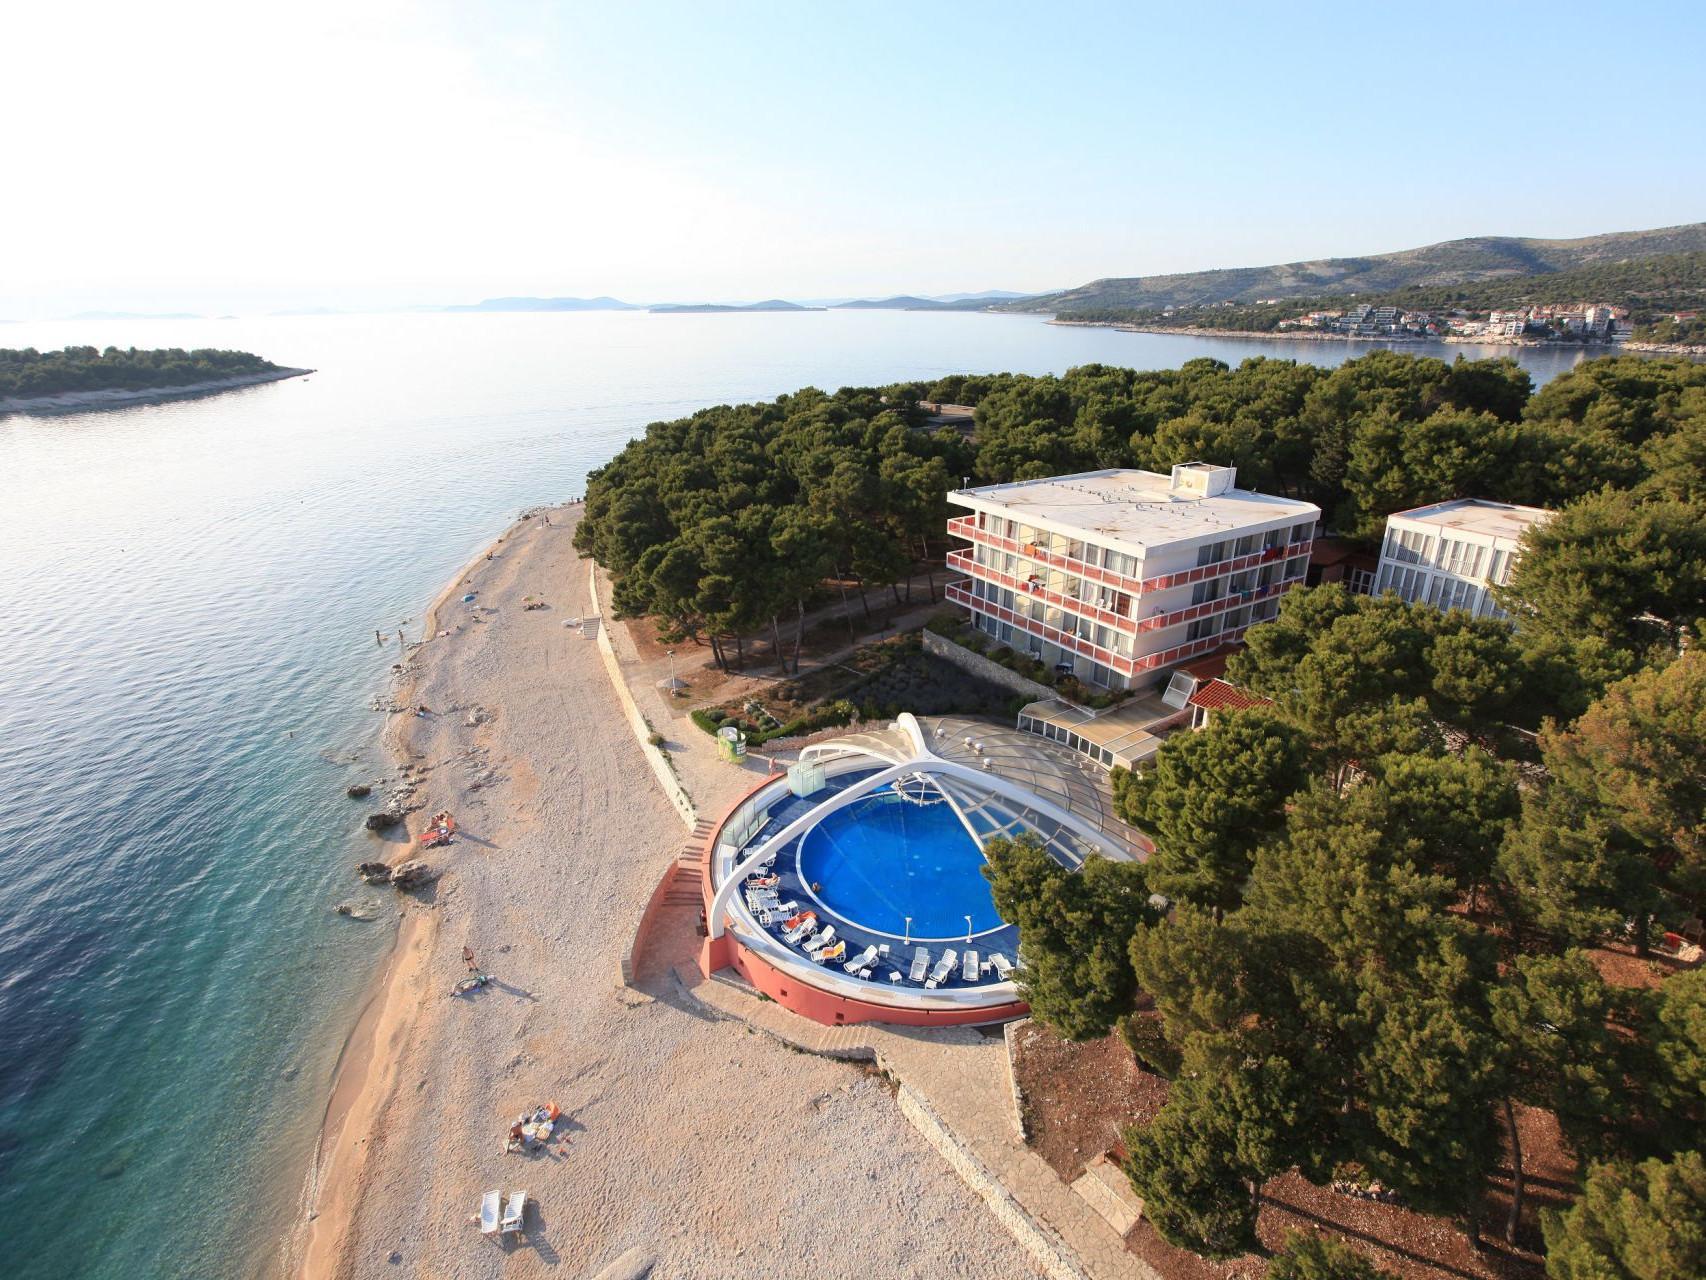 hotel 13 14638860878 o uai - Zora Hotel